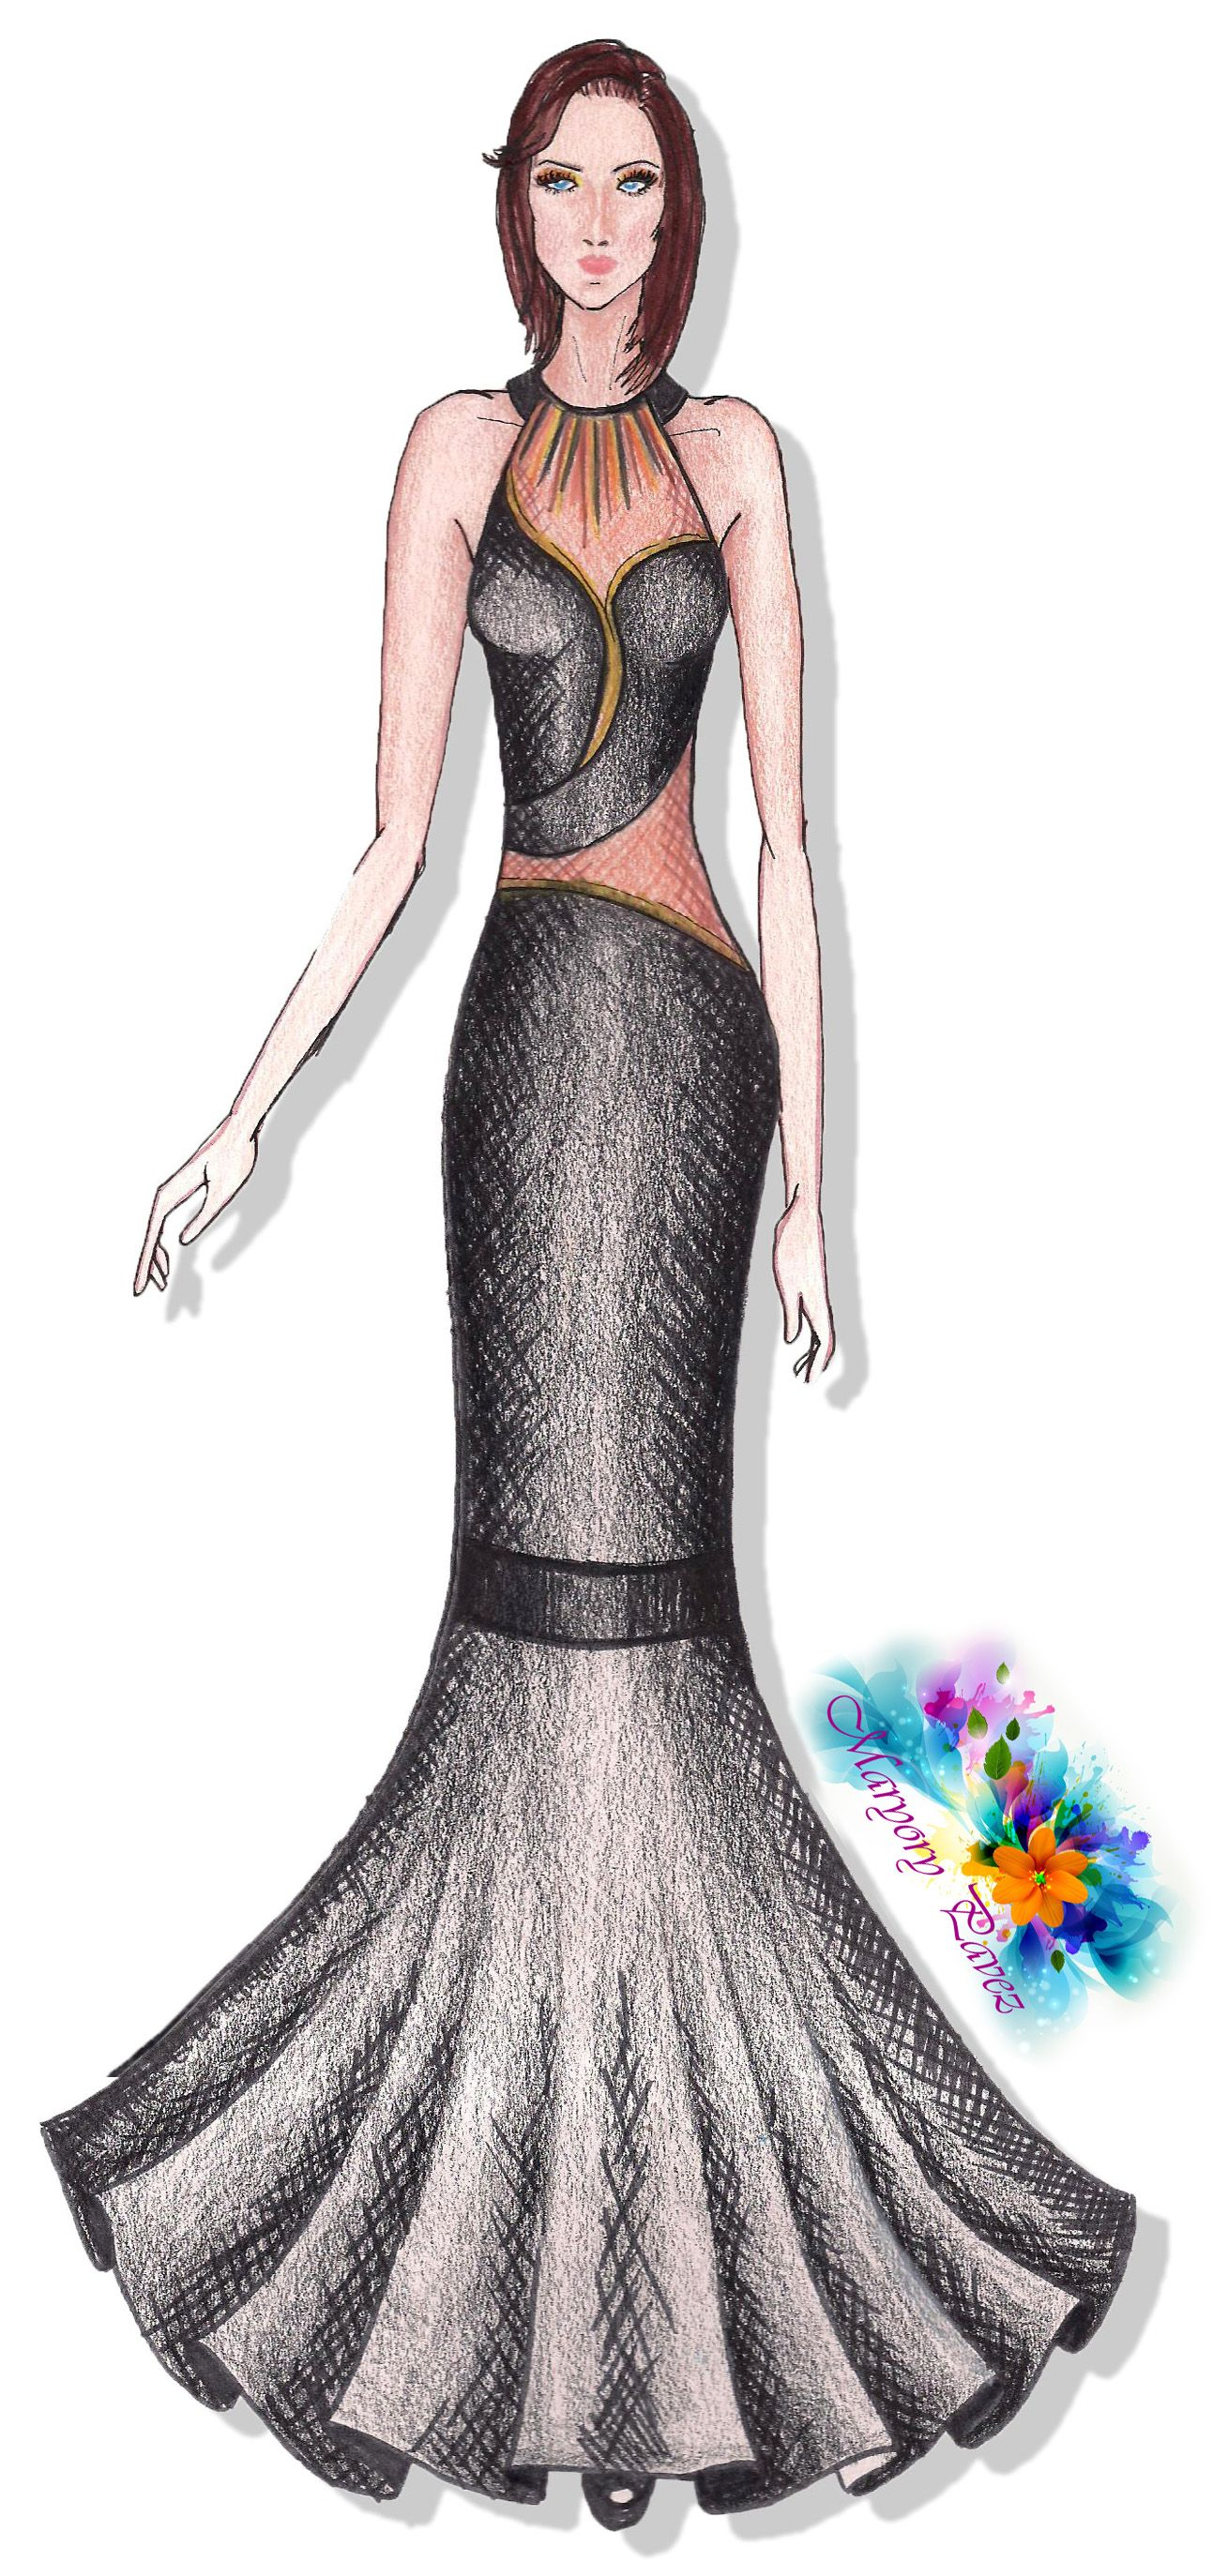 Dise o ramo alta costura figurines de moda pinterest - Diseno alta costura ...